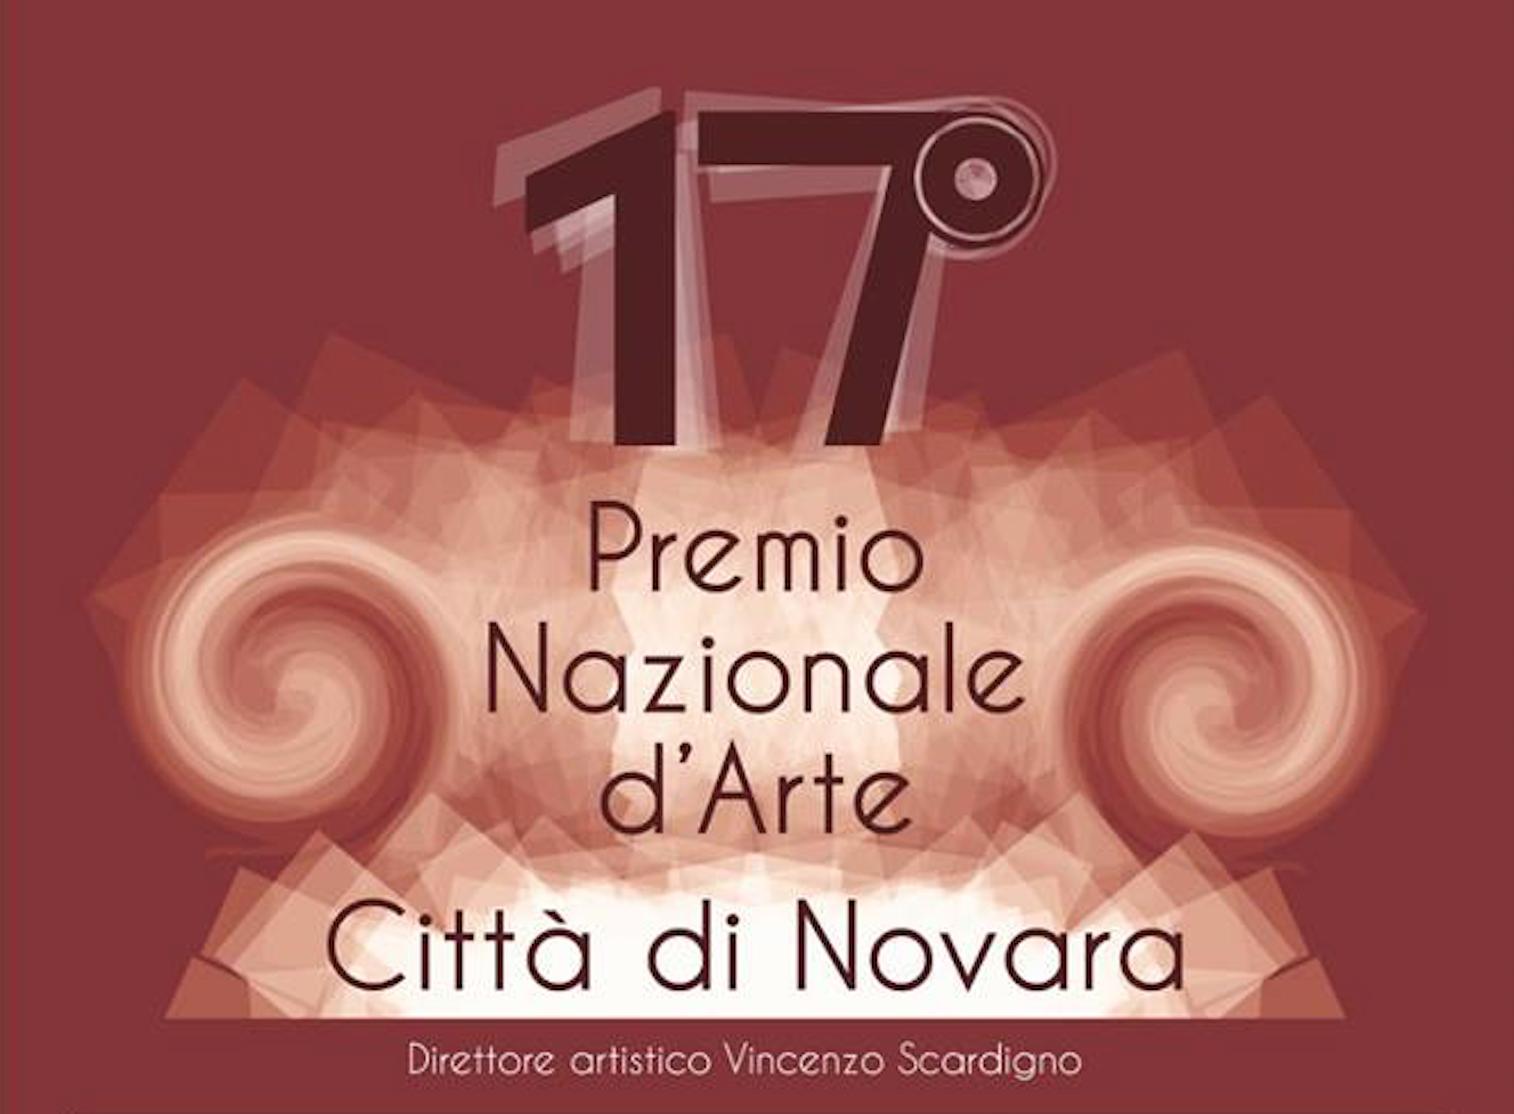 Al via la 17^ edizione del Premio Nazionale d'Arte Città di Novara